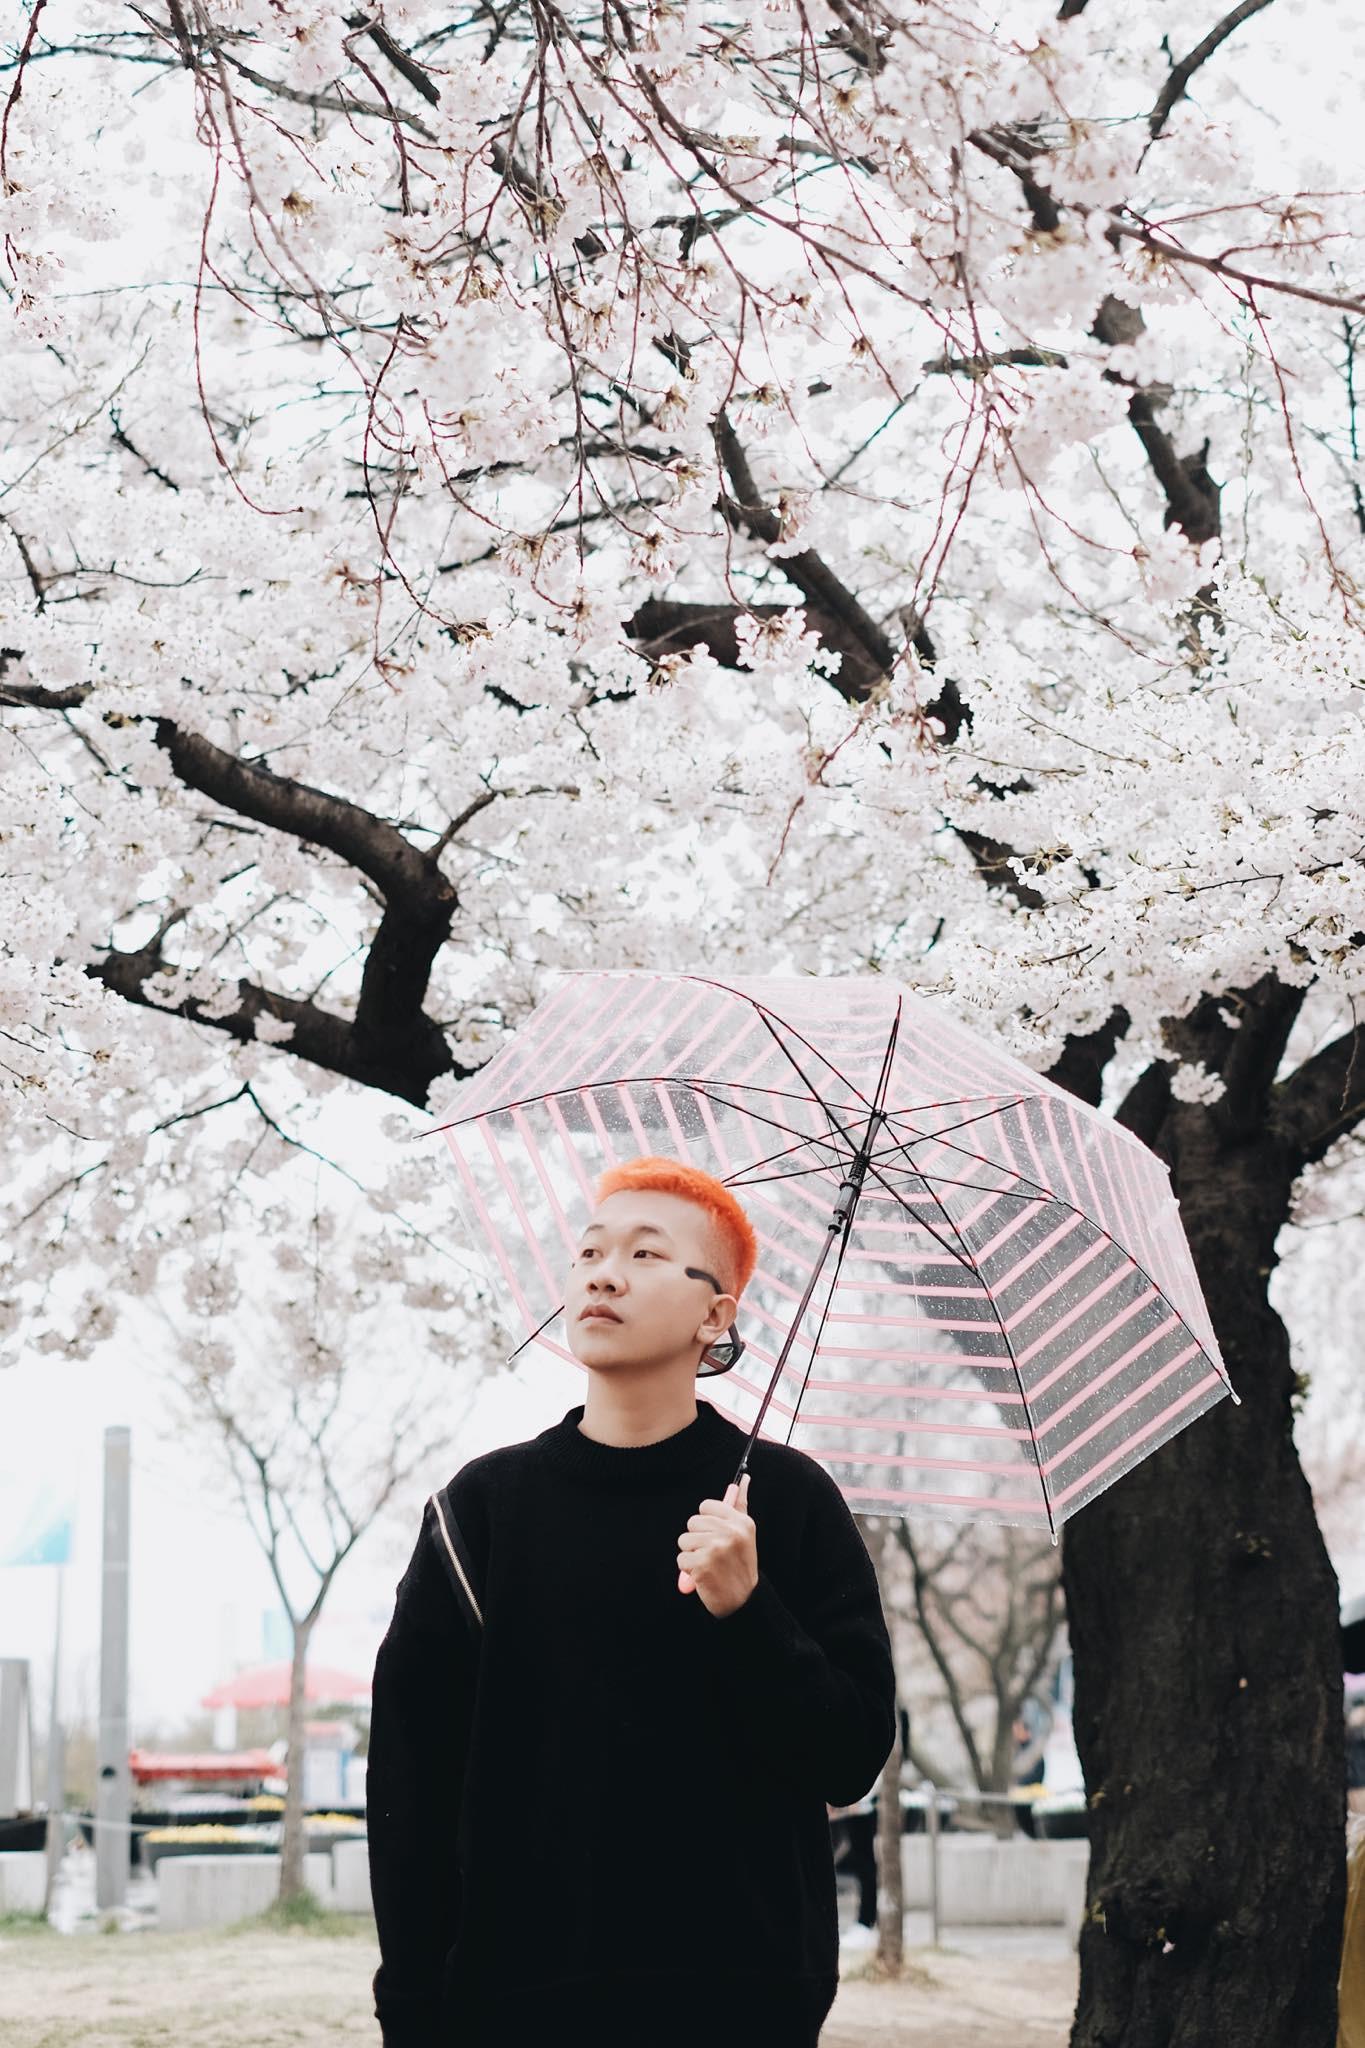 Không Nhật Bản thì Hàn Quốc, cảm giác như cả thế giới đều đi ngắm hoa anh đào hết rồi! - Ảnh 13.